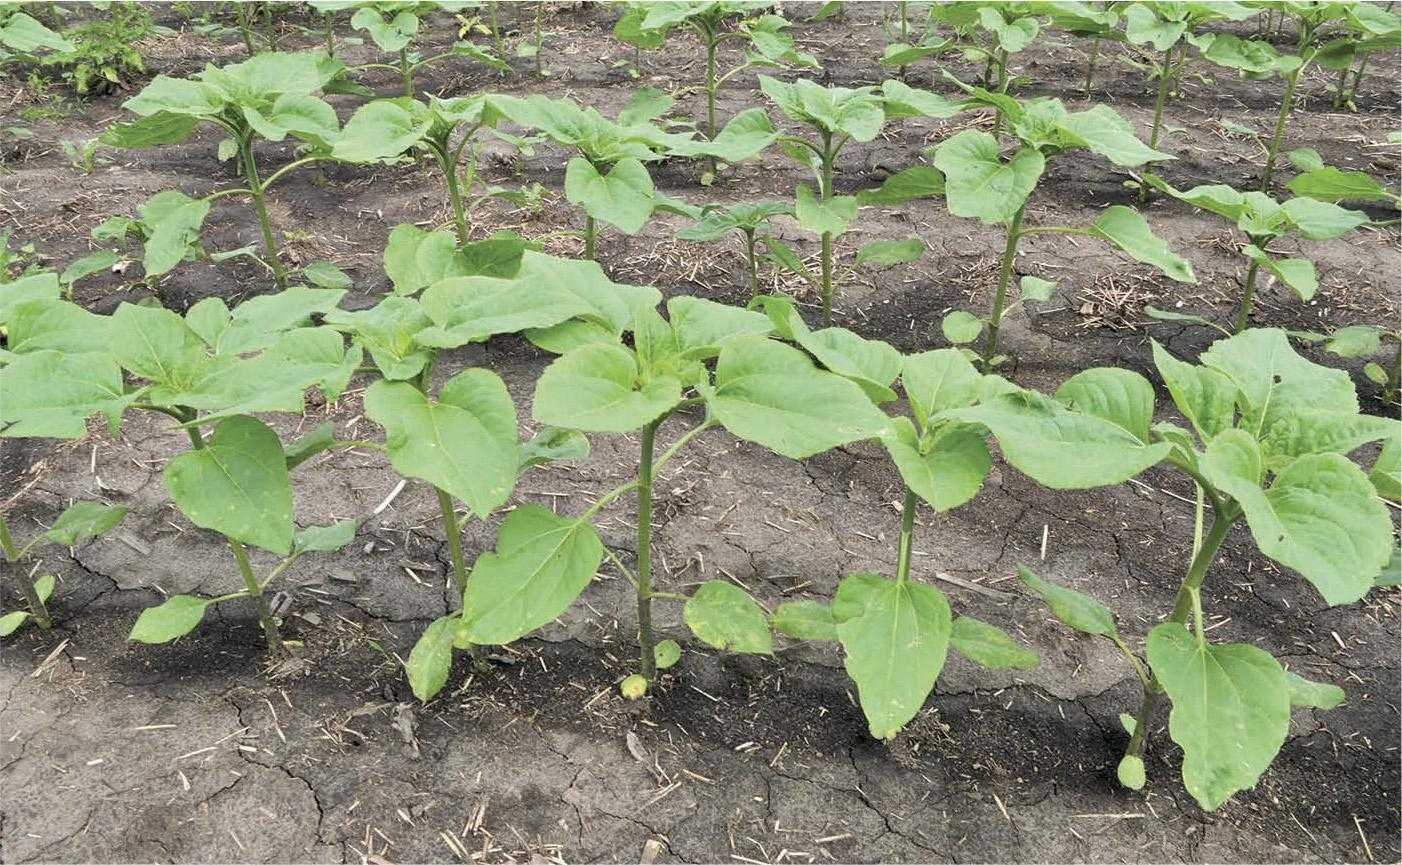 Густоту посіву потрібно встановлювати з урахуванням показників запасів вологи в метровому шарі ґрунту на час сівби. Чим менші запаси вологи, тим меншою повинна бути густота стояння рослин